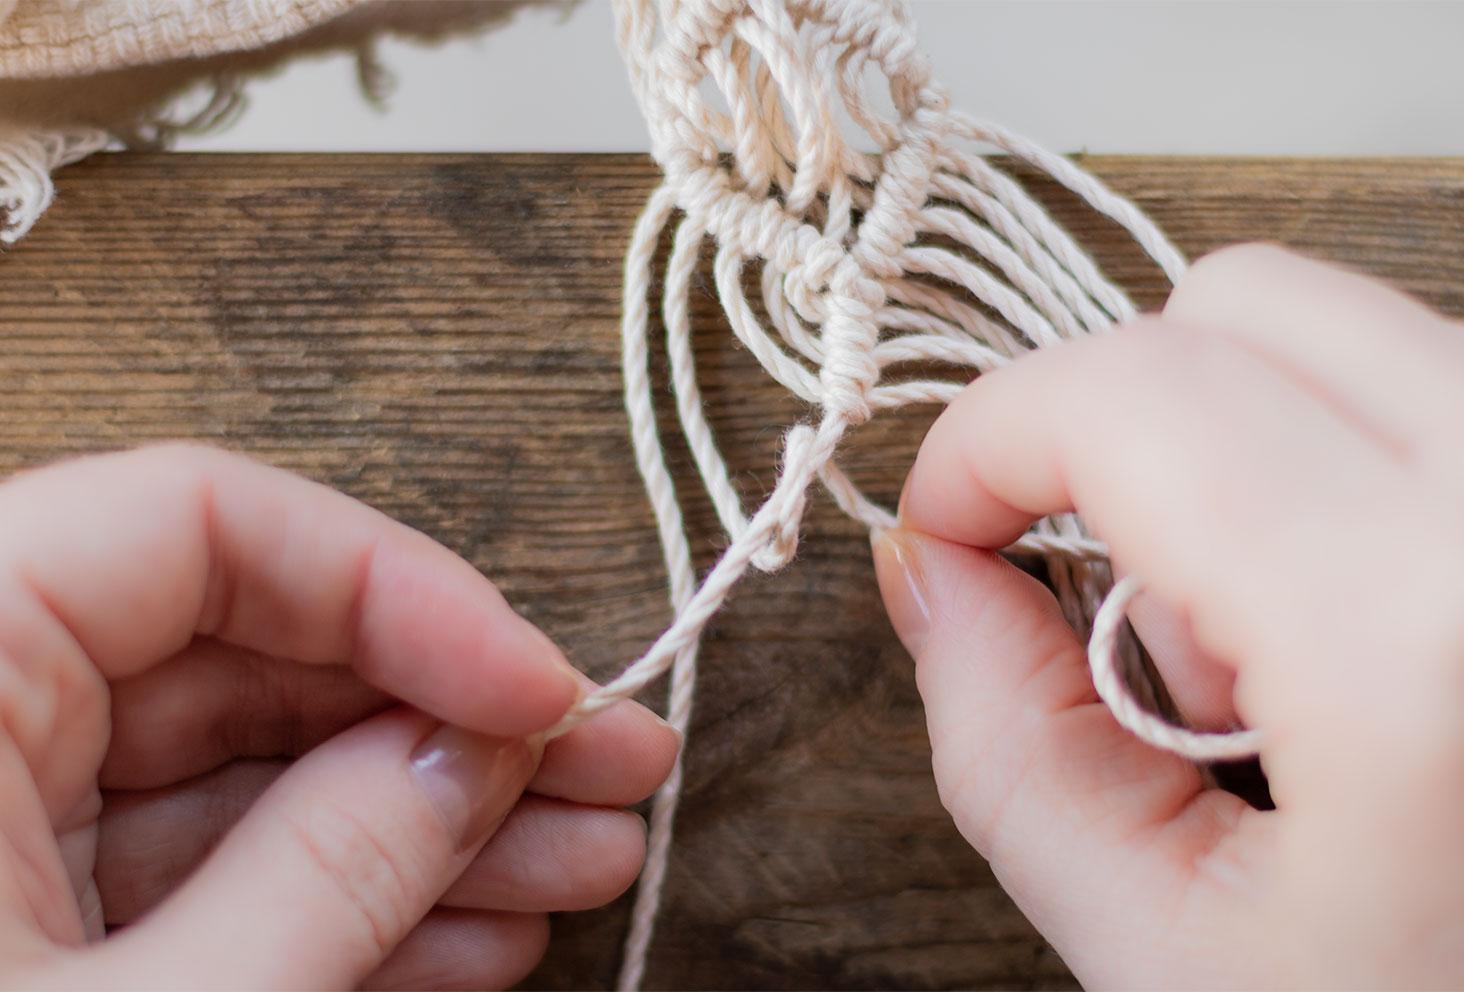 Zoom sur l'étape 3 d'un nœud de feston,posé sur une table en bois